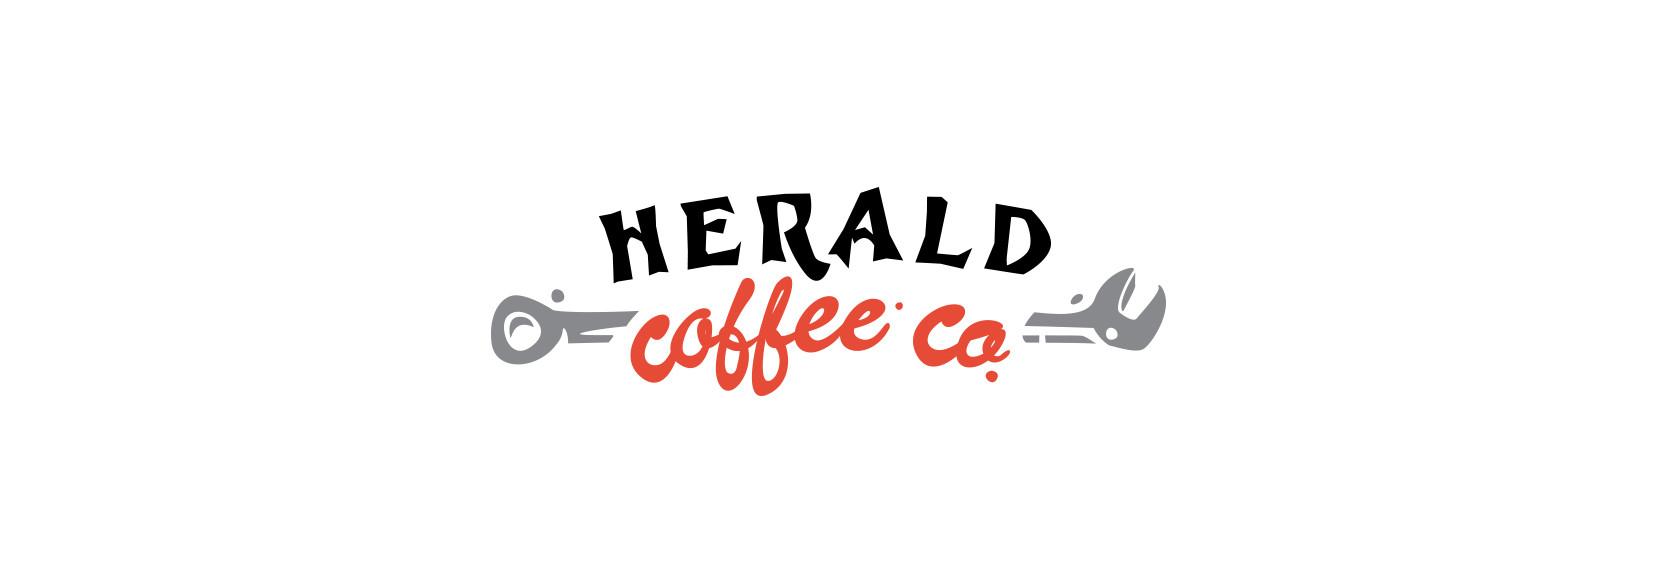 Herald Coffee Logo.jpg